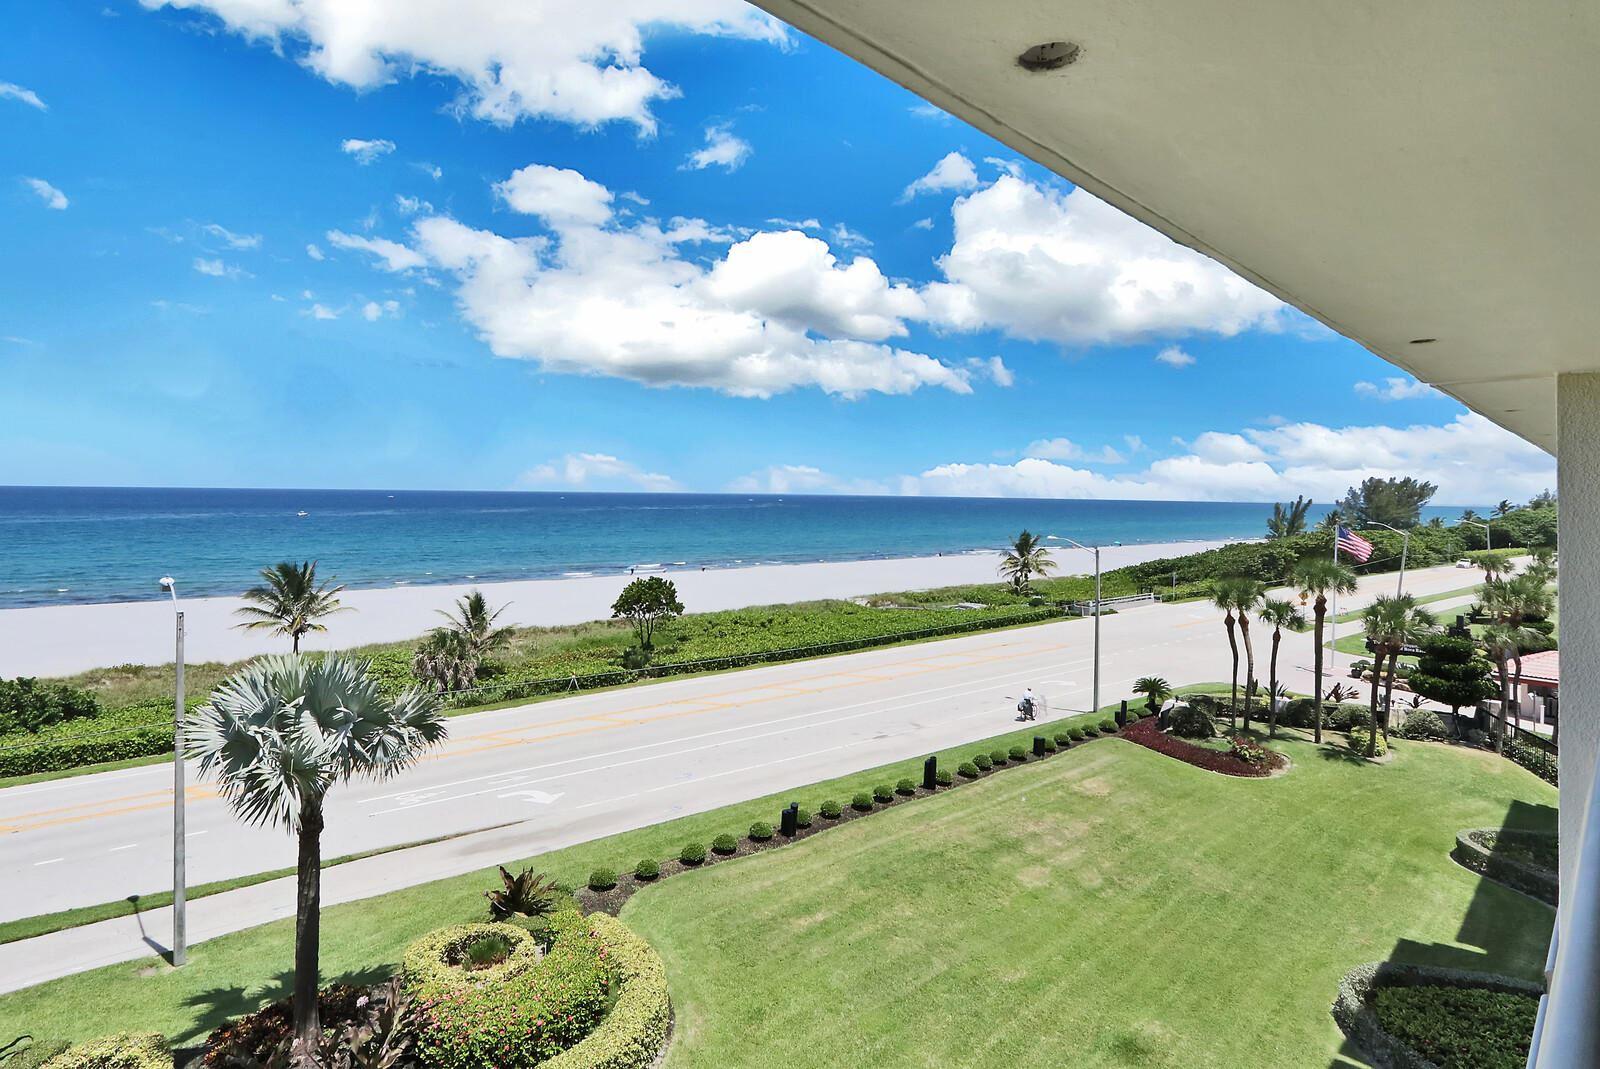 2727 N Ocean Boulevard #A-507, Boca Raton, FL 33431 - #: RX-10634829